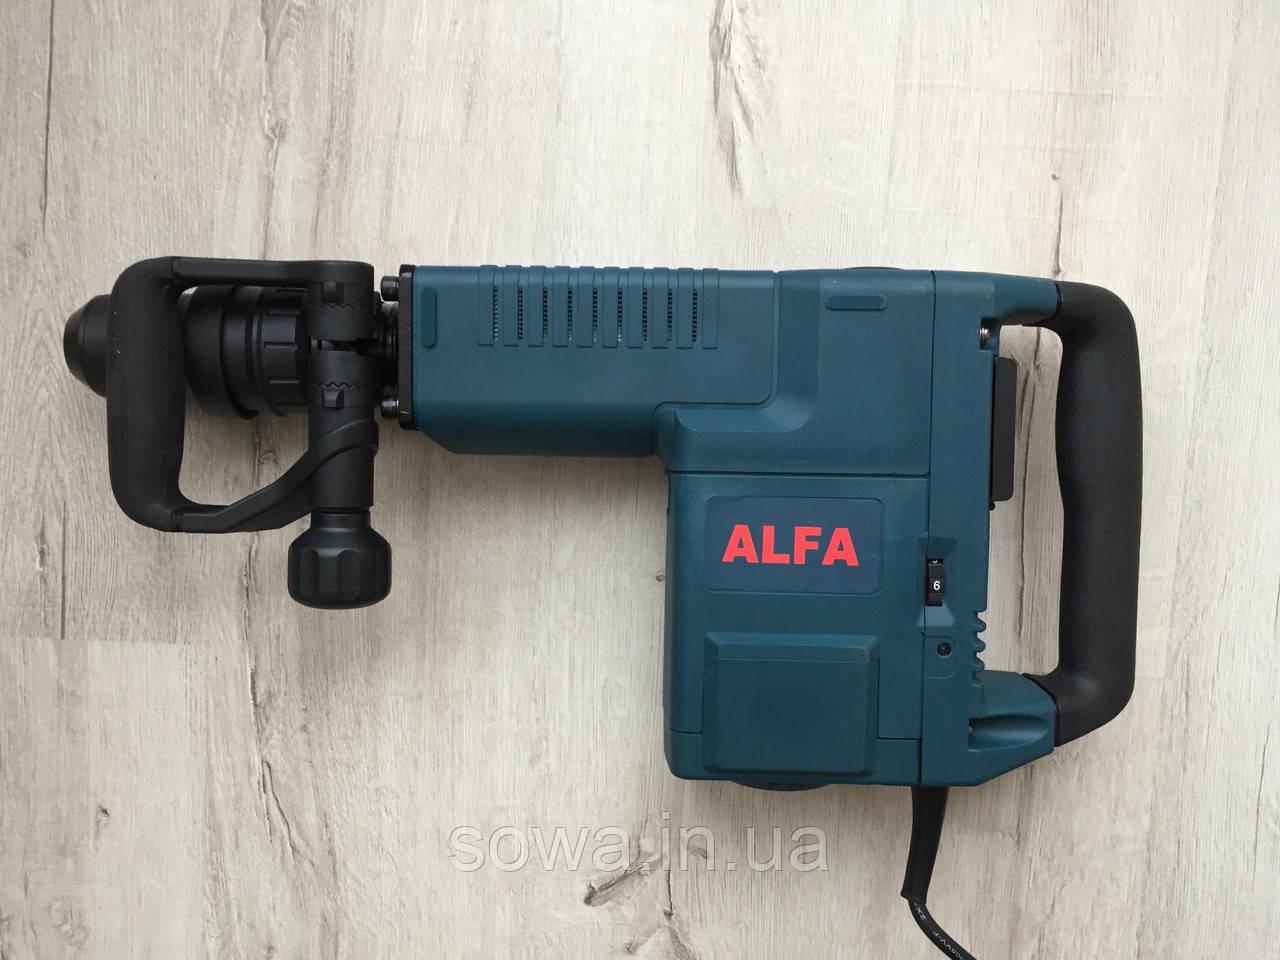 ✔️ Отбойный молоток AL-FA RH229 / Электрический отбойник / Гарантия качества!